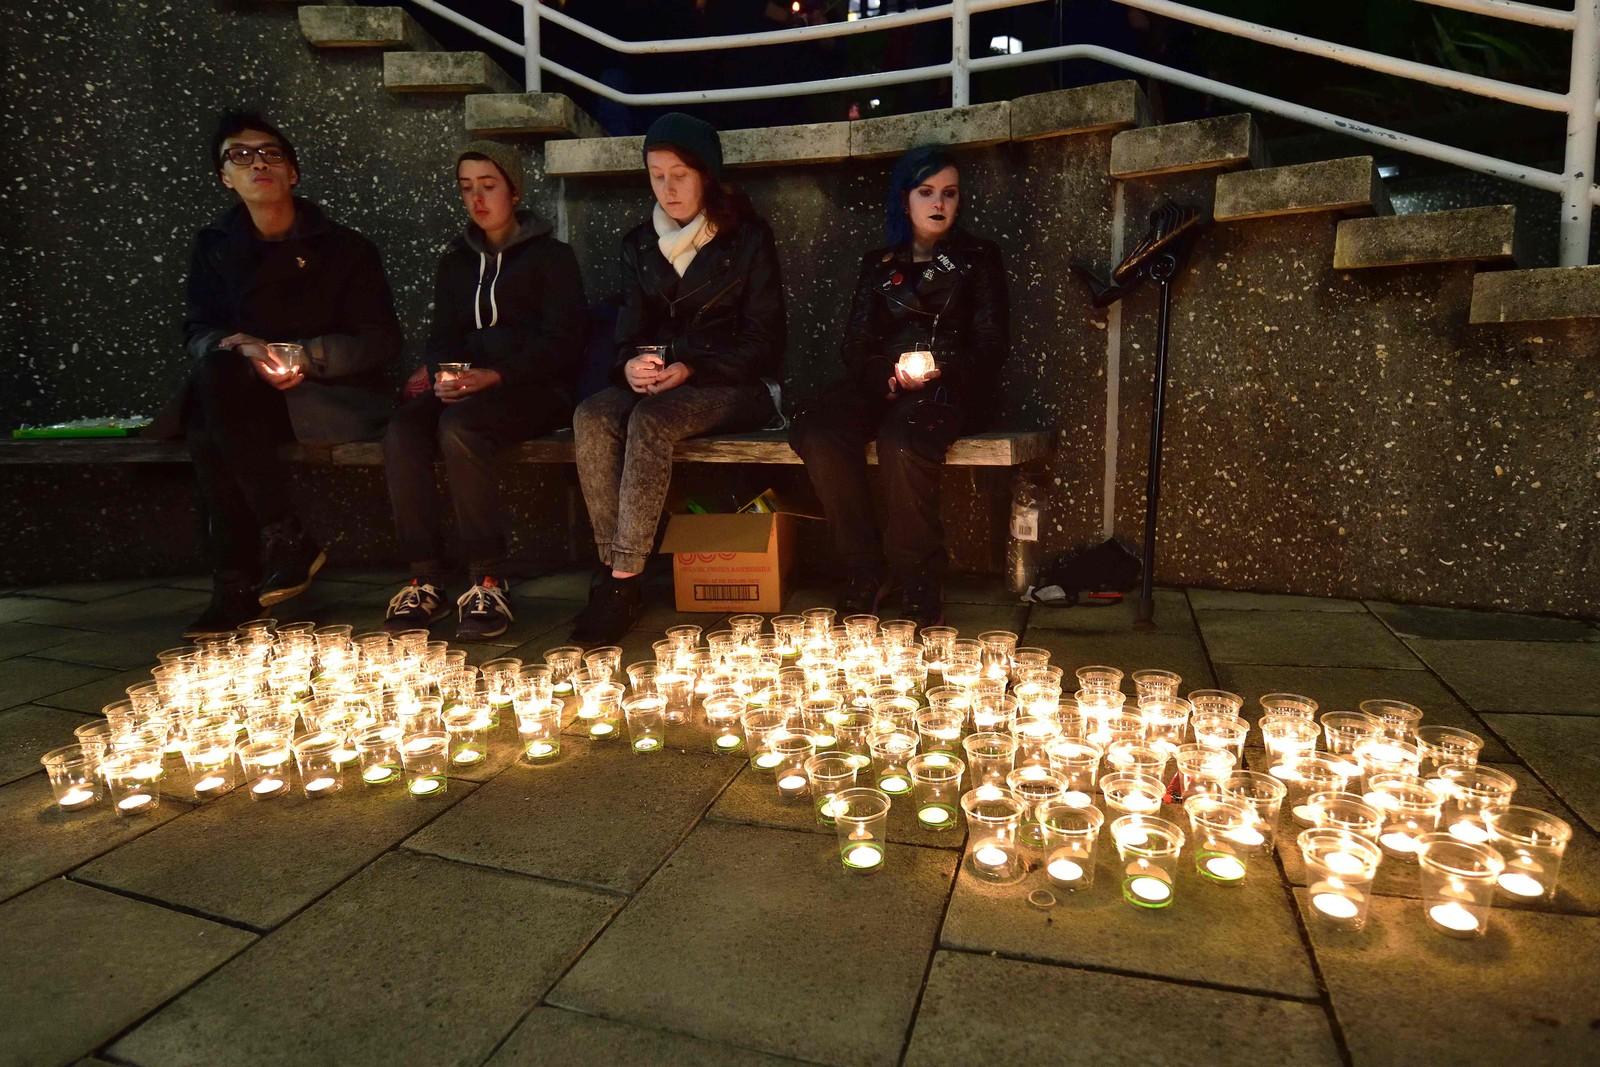 NEW ZEALAND: Flere tente lys for ofrene etter skytemassakren i Orlando i Frank Kits Park i Wellington søndag kveld.